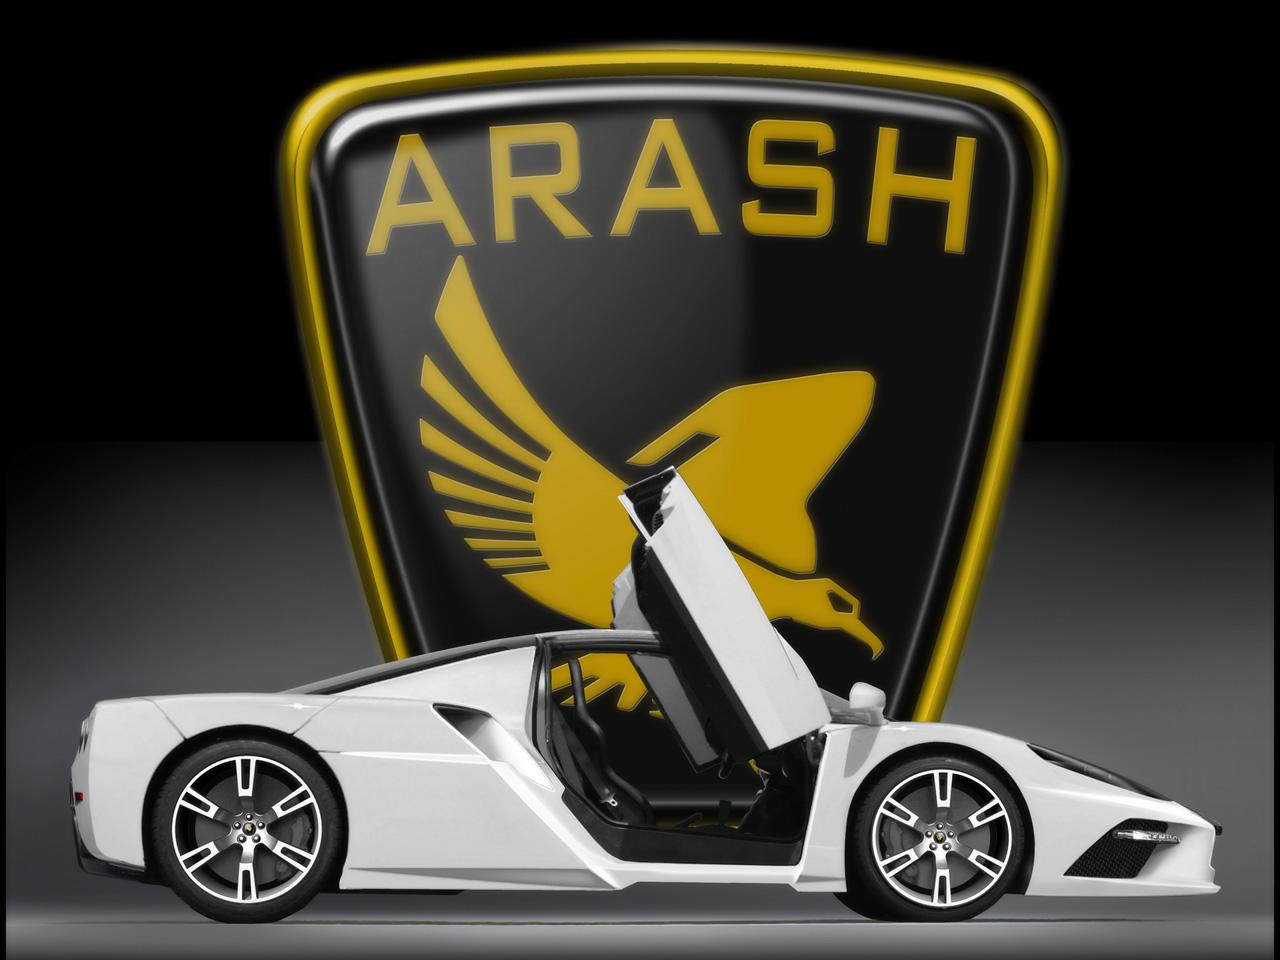 http://2.bp.blogspot.com/-Fr4VsOehWuI/TfWNZobeCsI/AAAAAAAAApw/1ASgxtV4cOg/s1600/2009-Arash-AF10-Side-Badge-1280x960.jpg